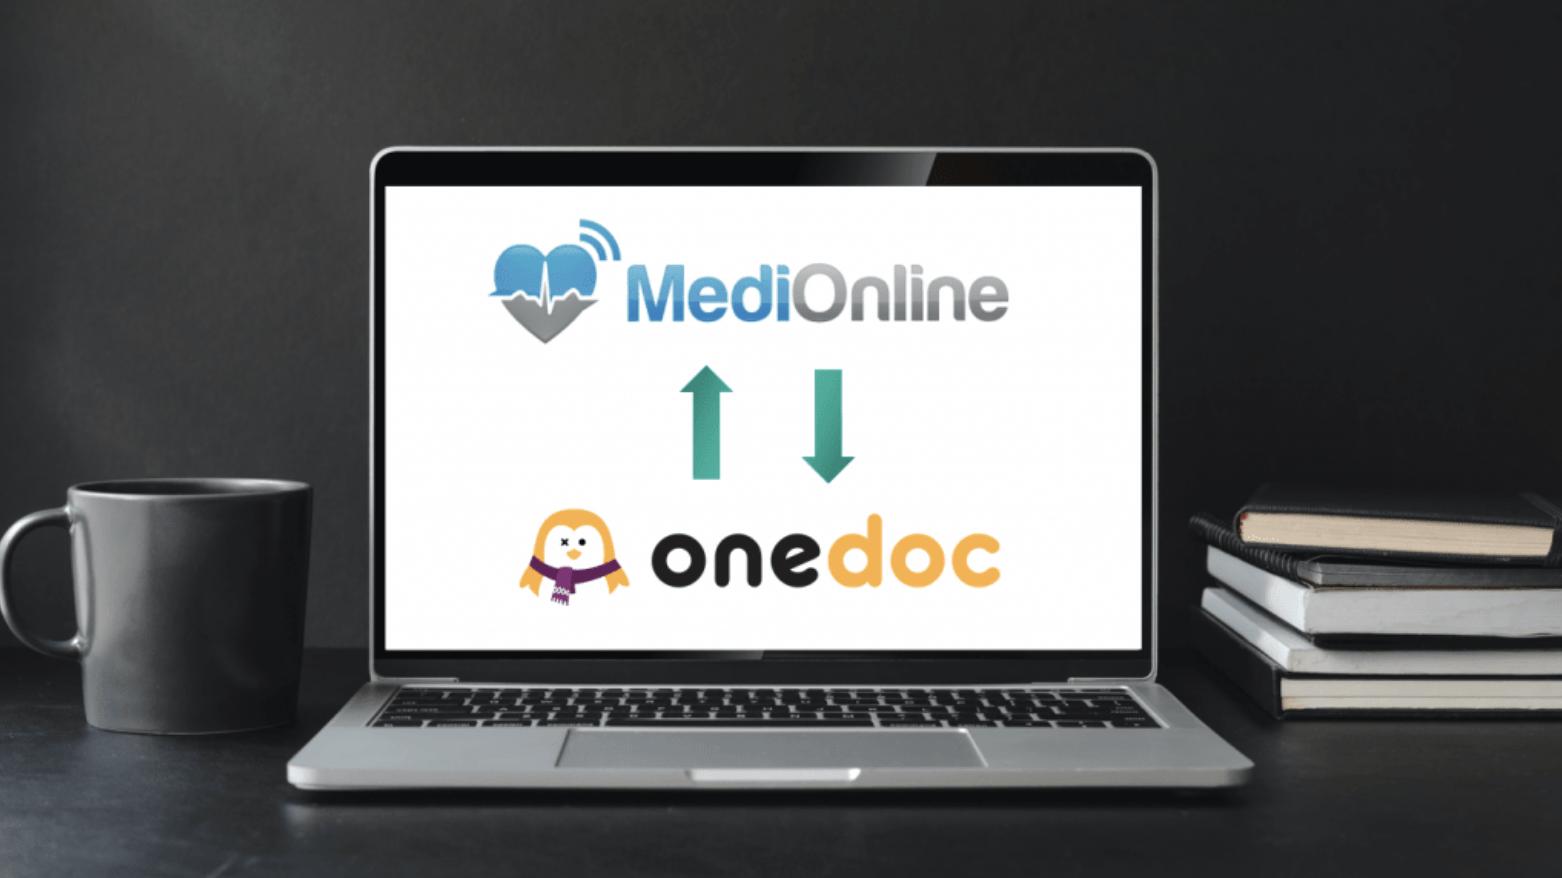 Intégration MediOnline et OneDoc